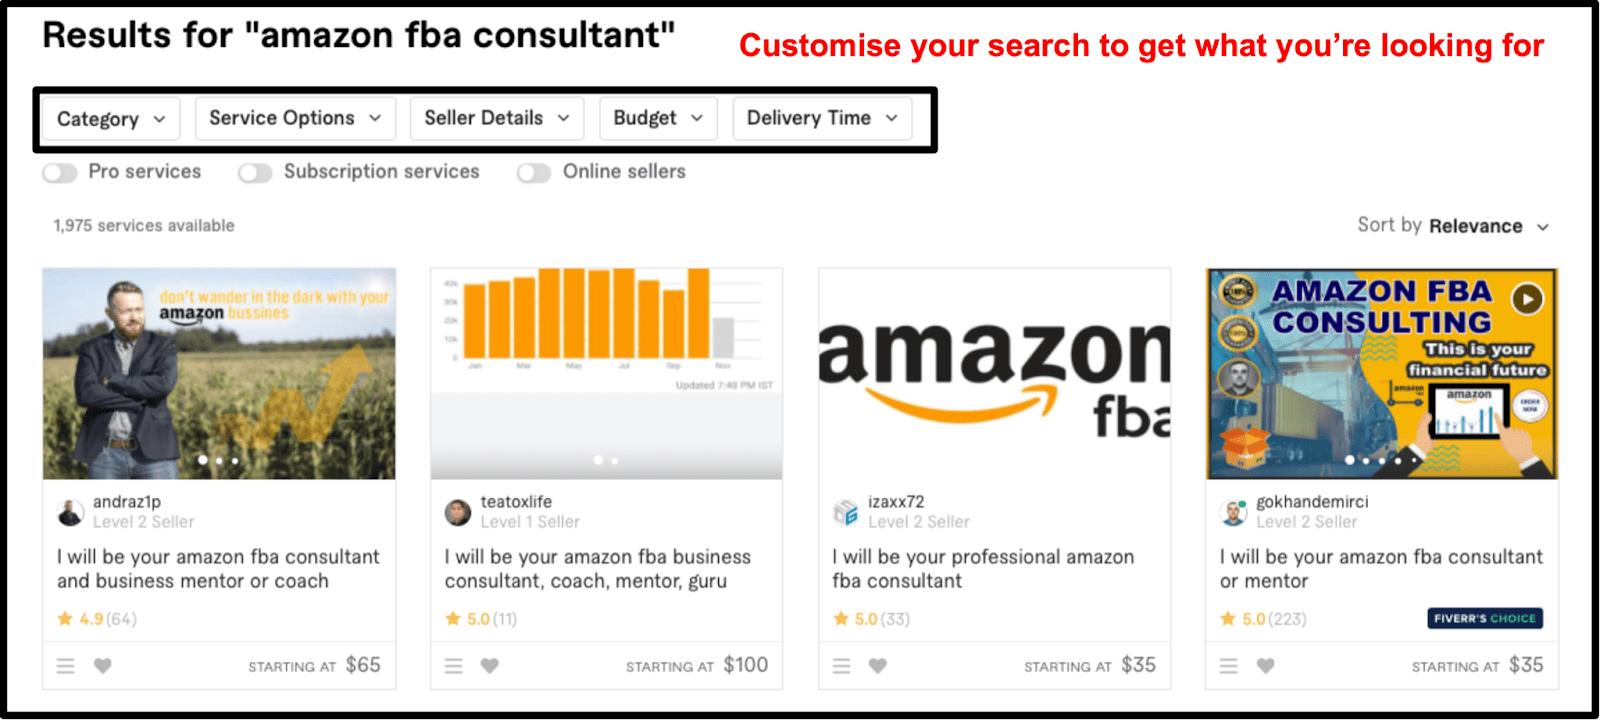 Amazon FBA Consultant search results on Fiverr